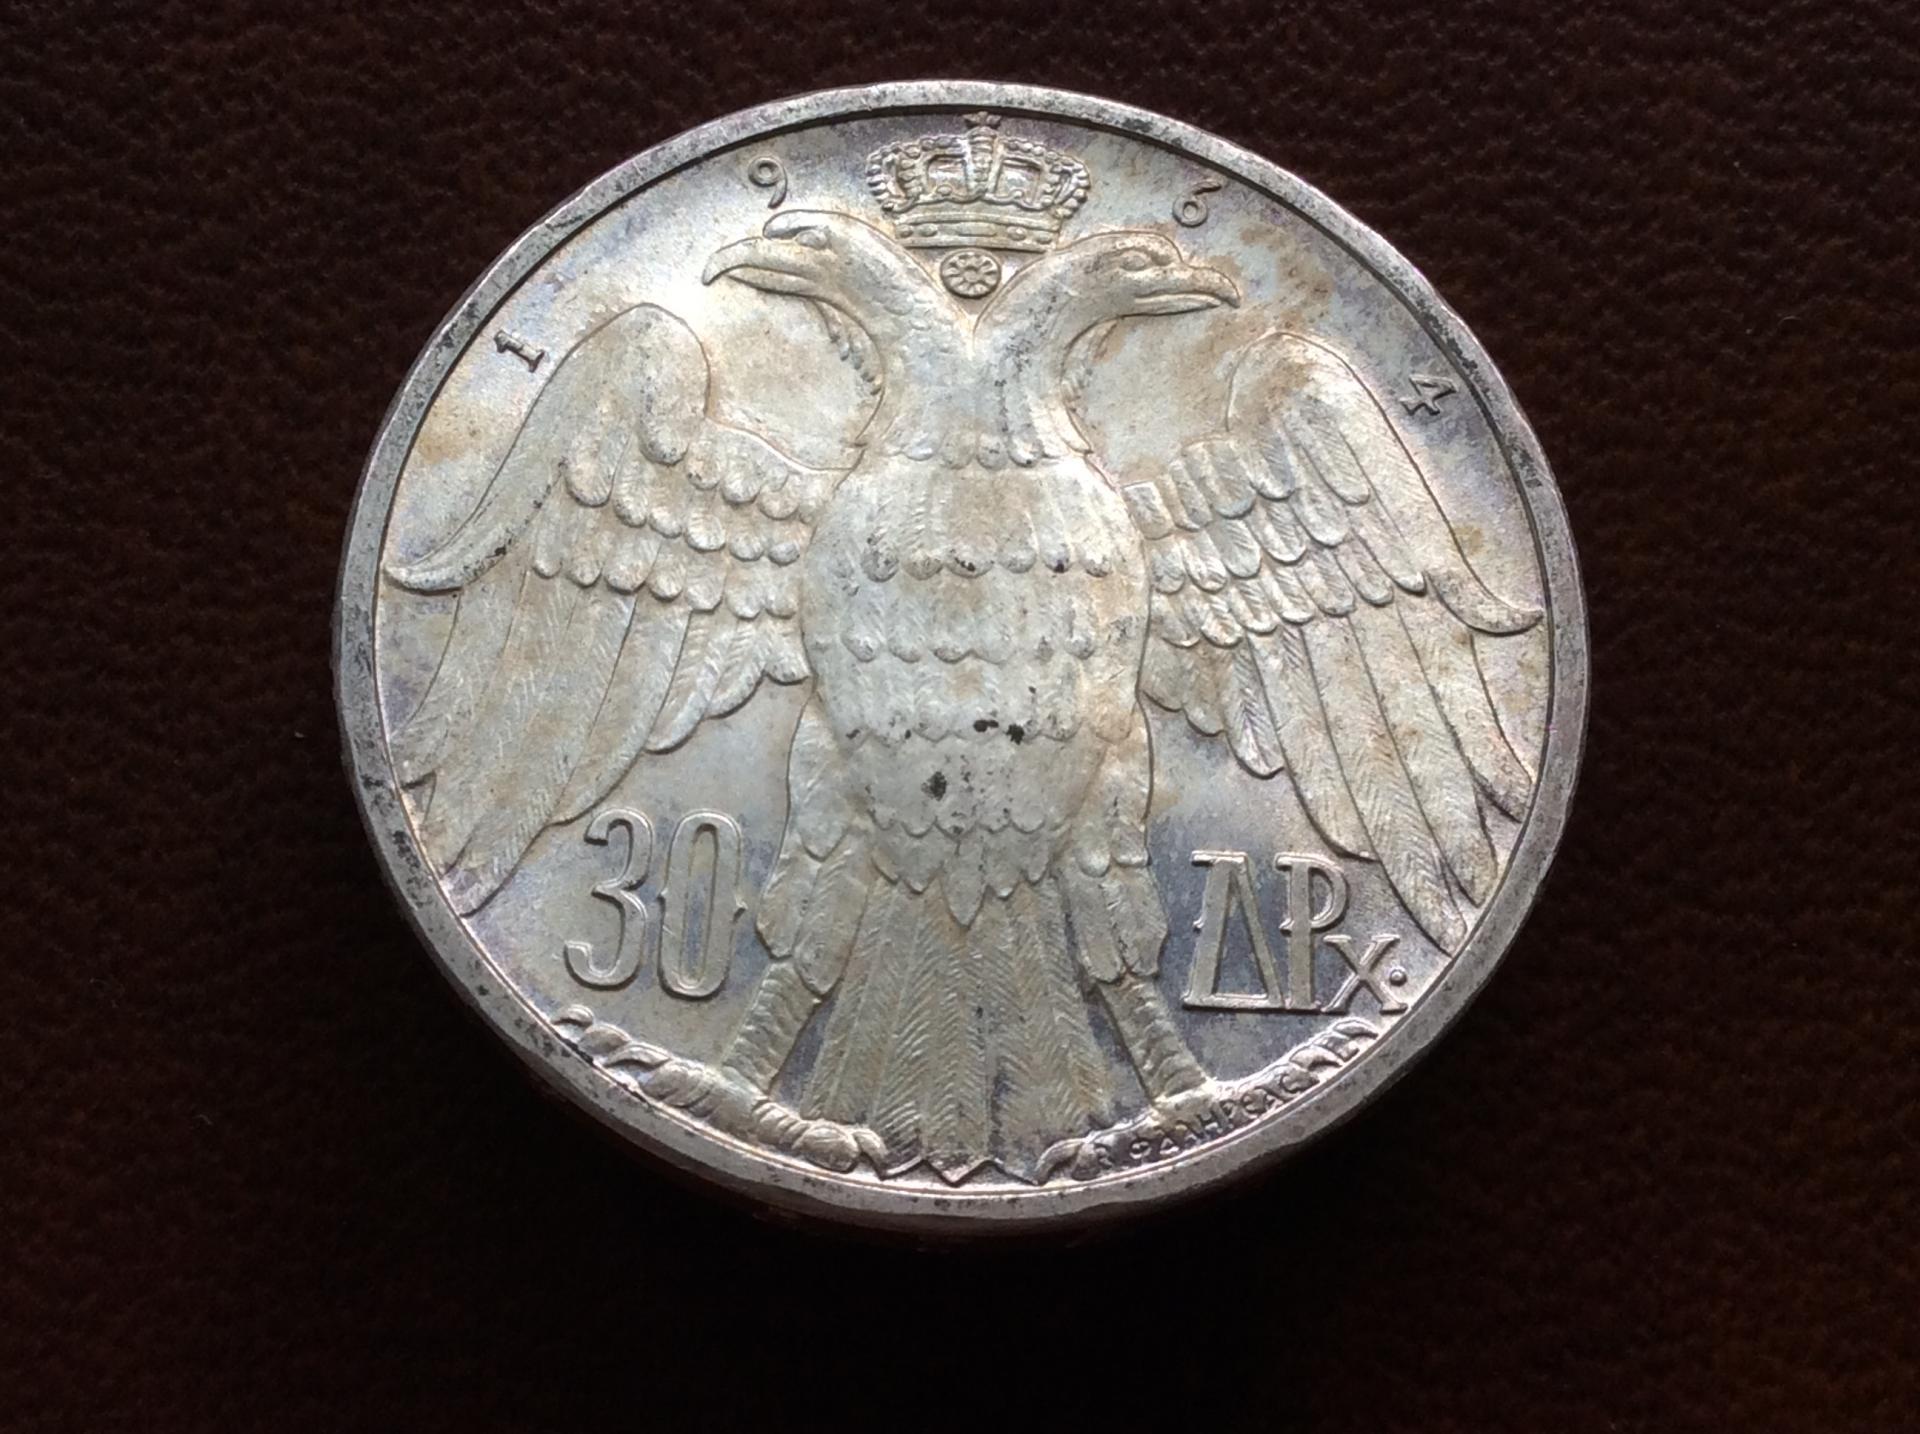 30 DRACMAS DE PLATA DE 1964 - GRECIA - CONSTANTINO II